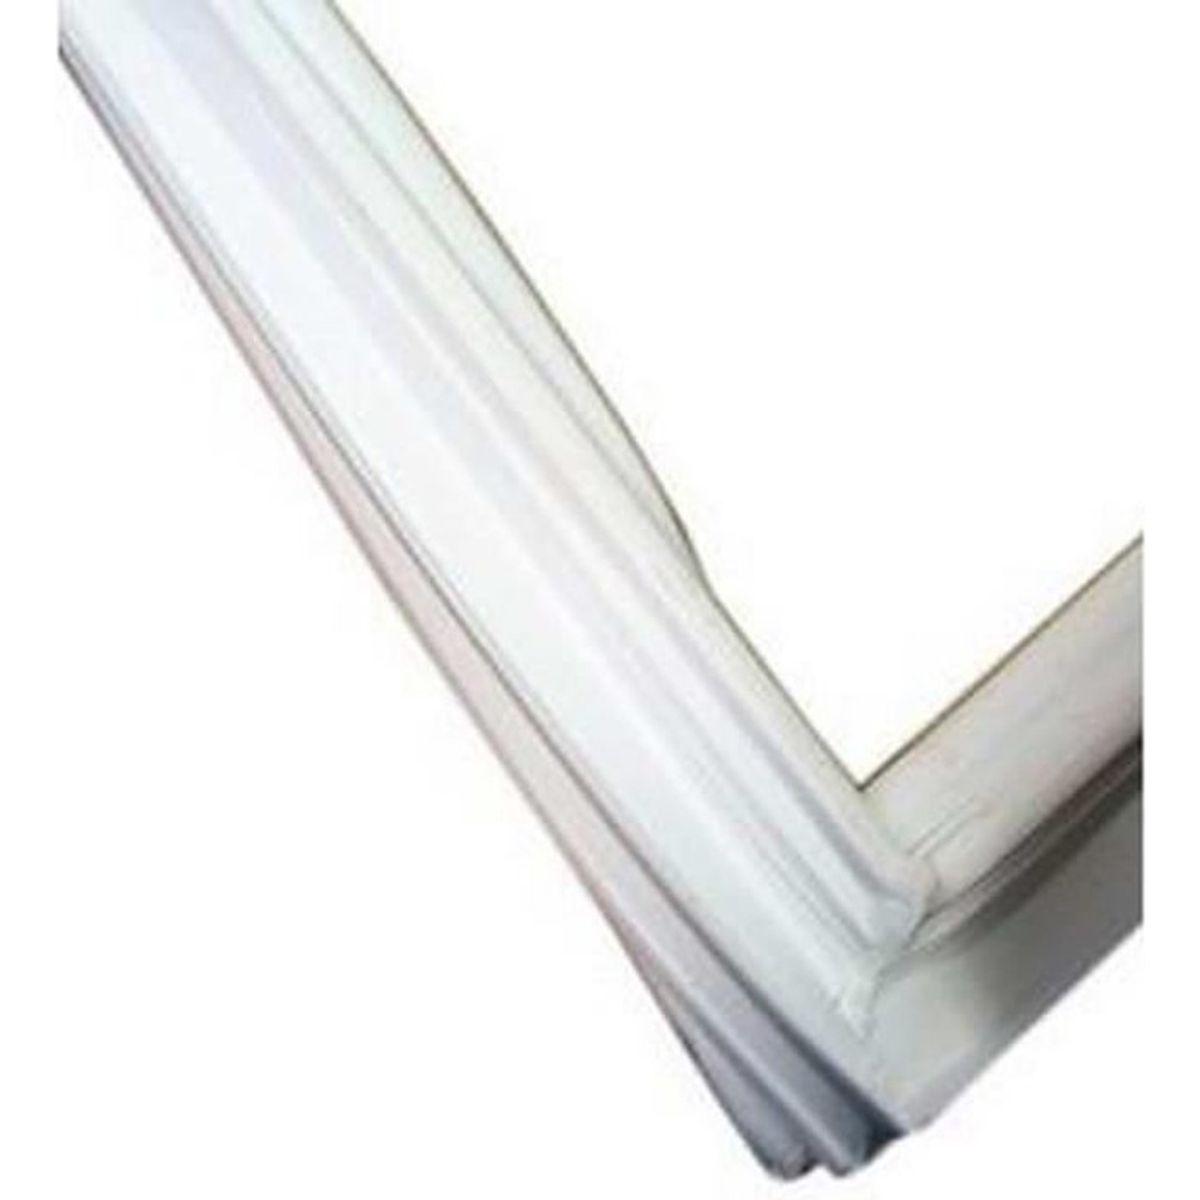 Dimension Frigo Encastrable Ikea joint de porte congelateur pour refrigerateur bauknecht